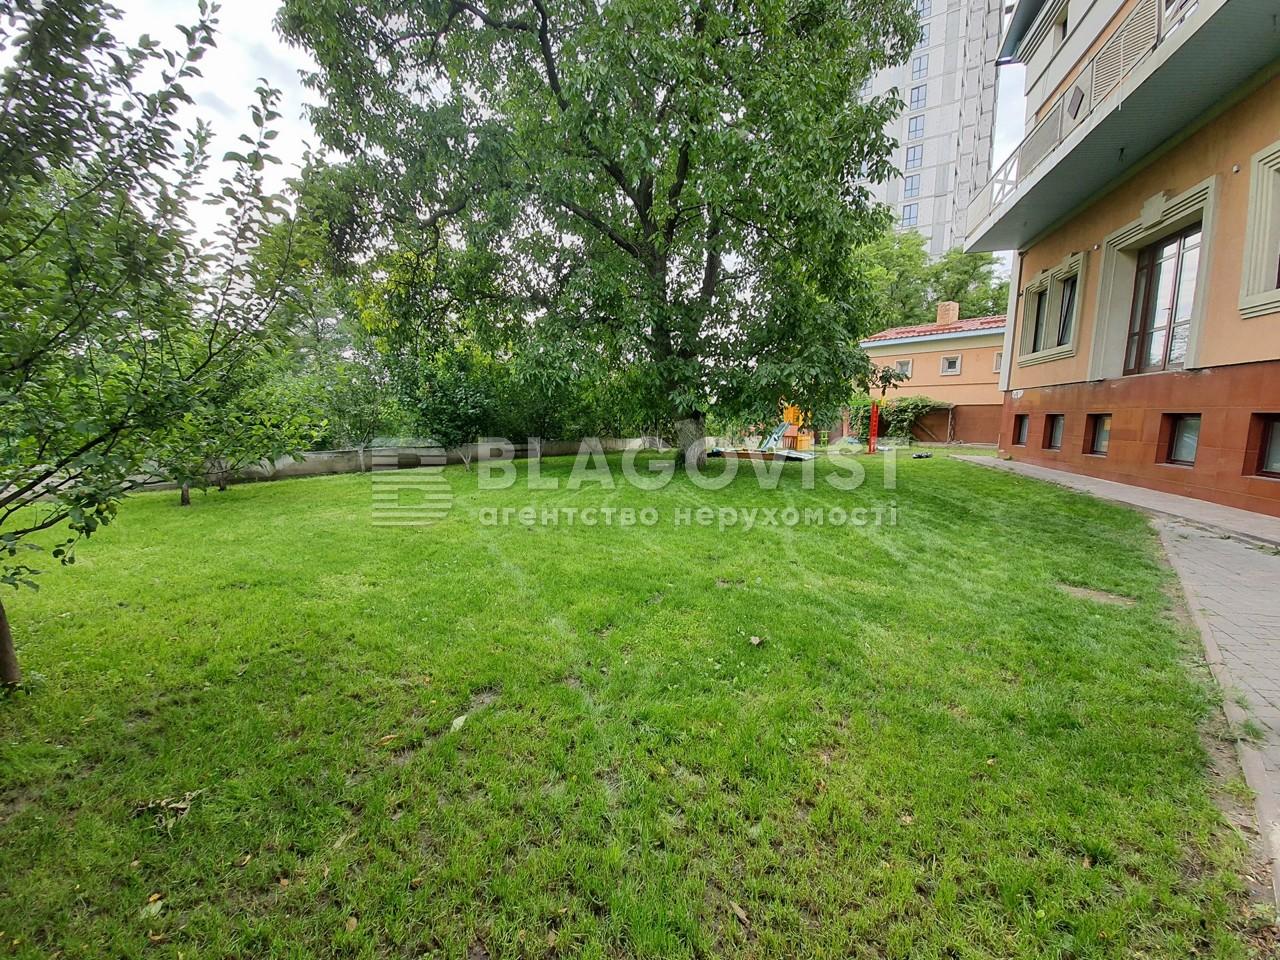 Будинок R-40483, Монтажників, Київ - Фото 39